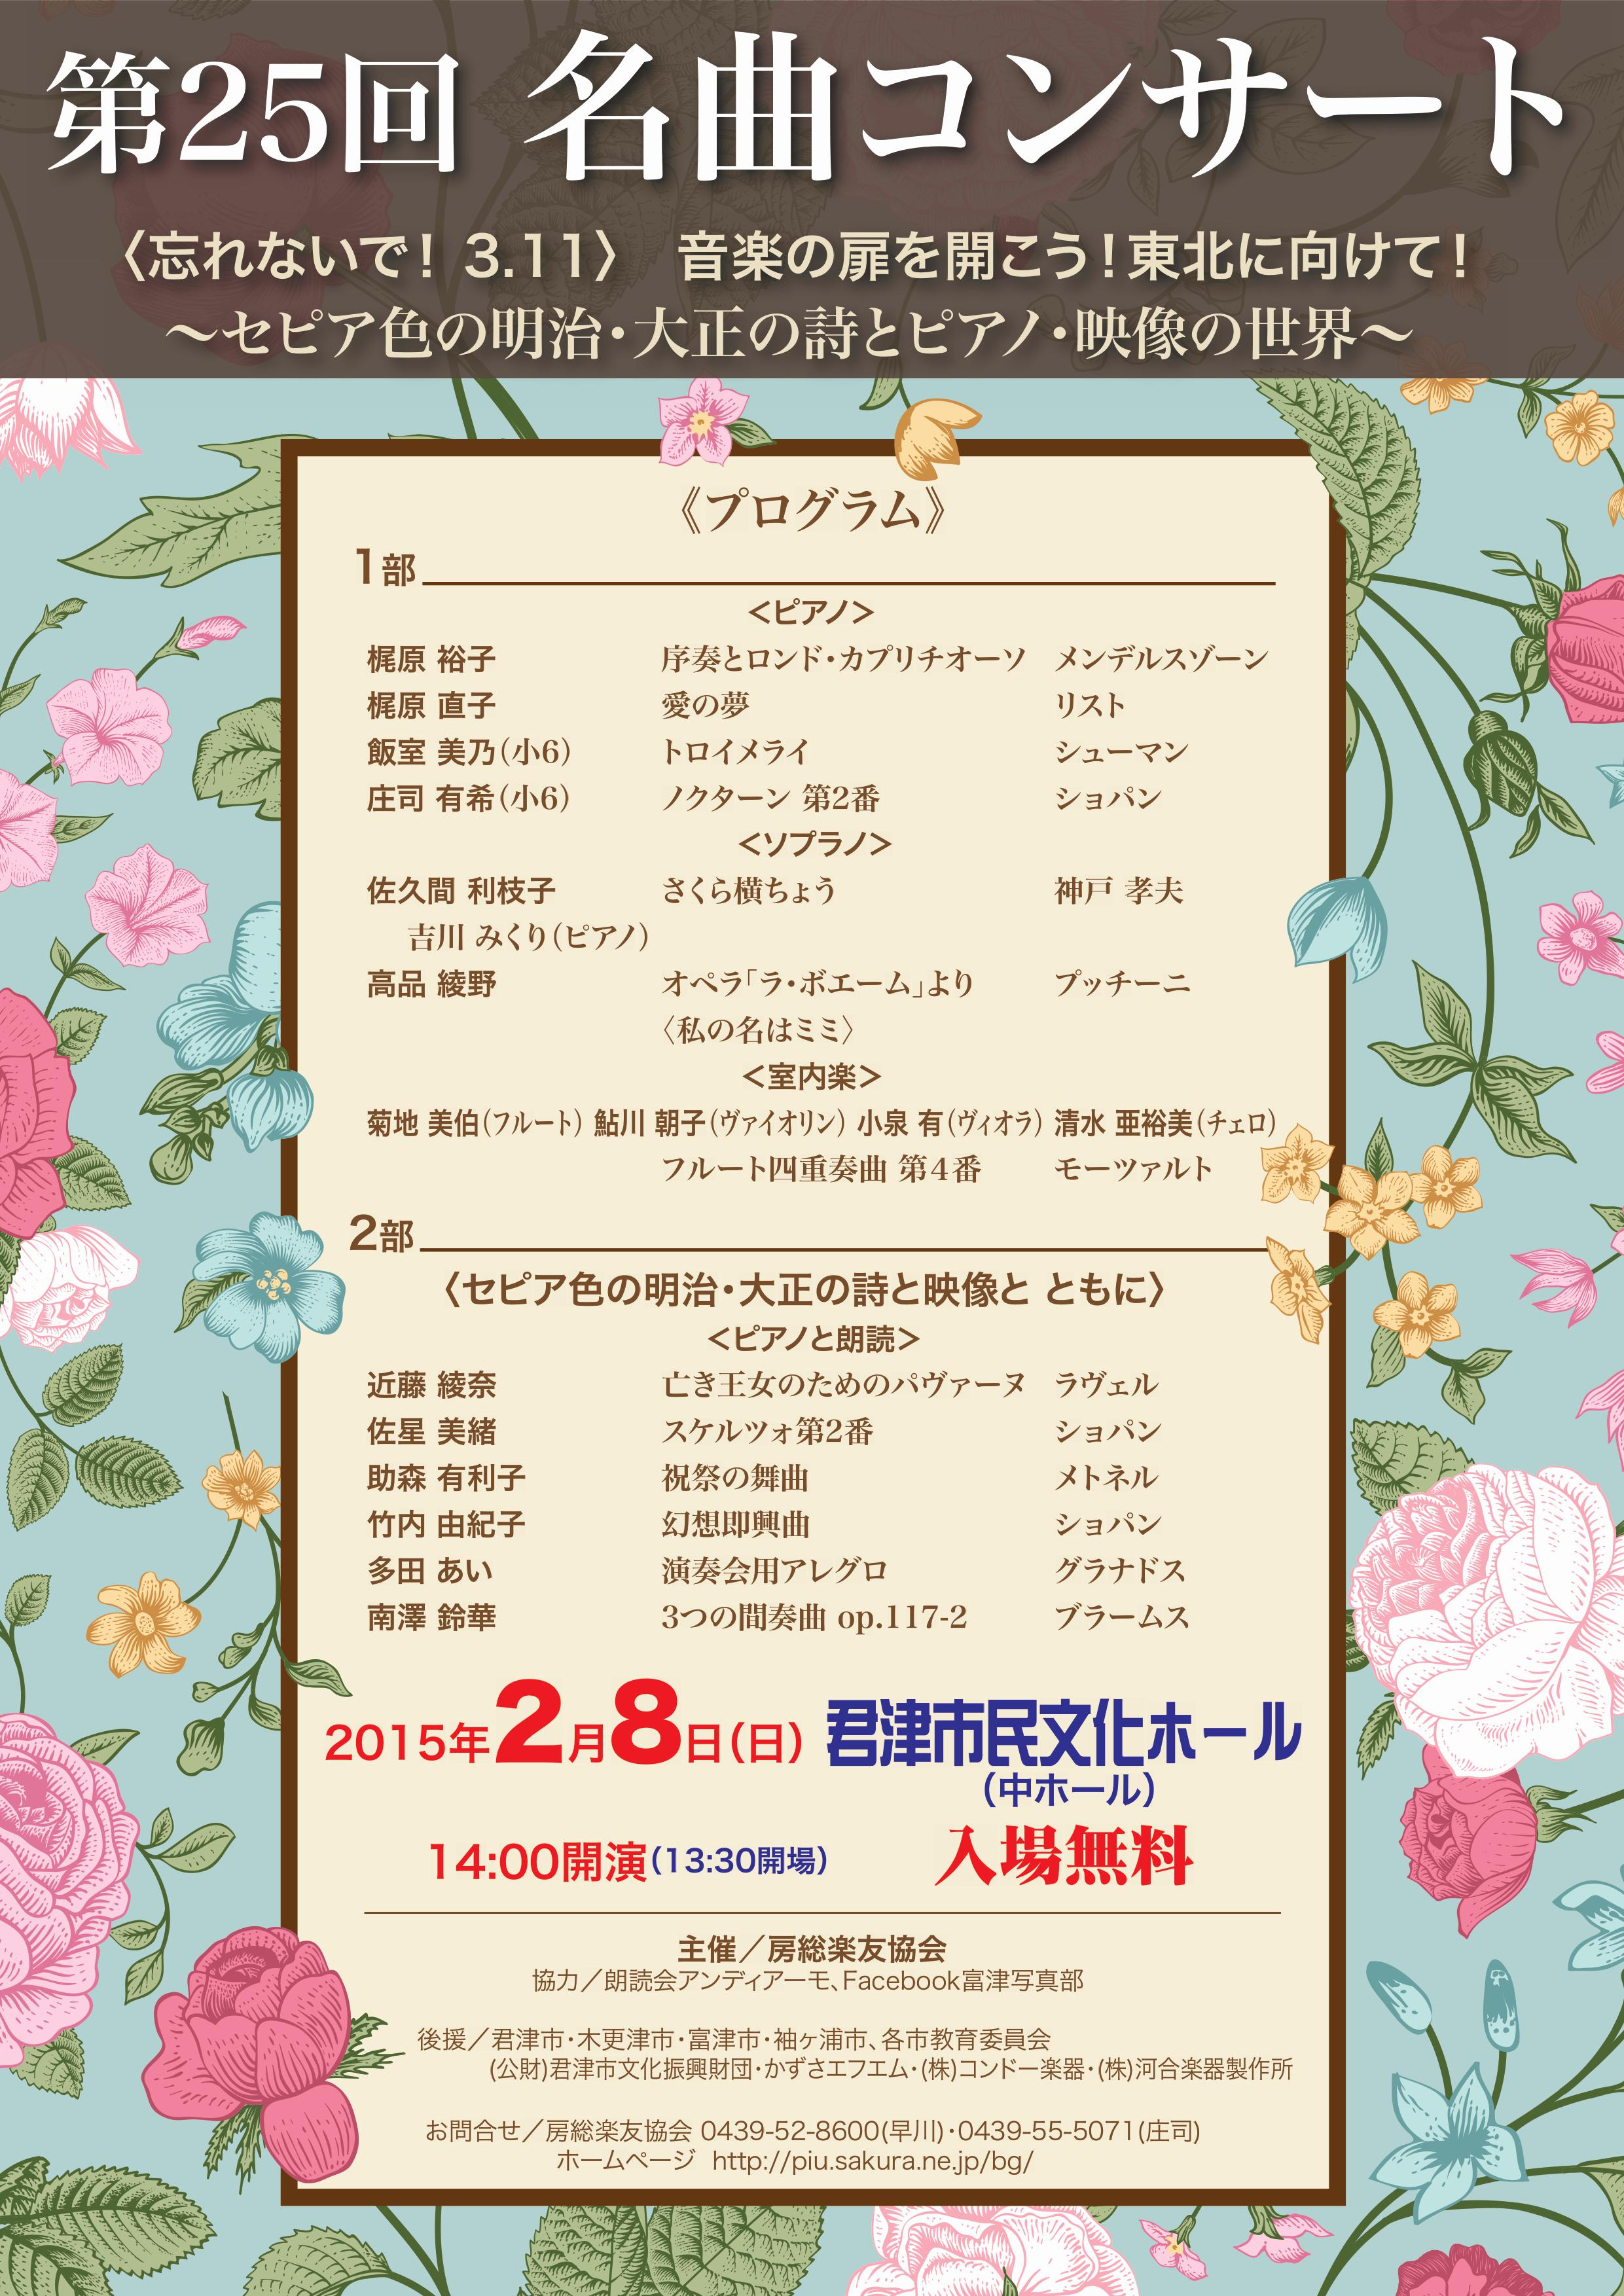 flyer_concert025_02